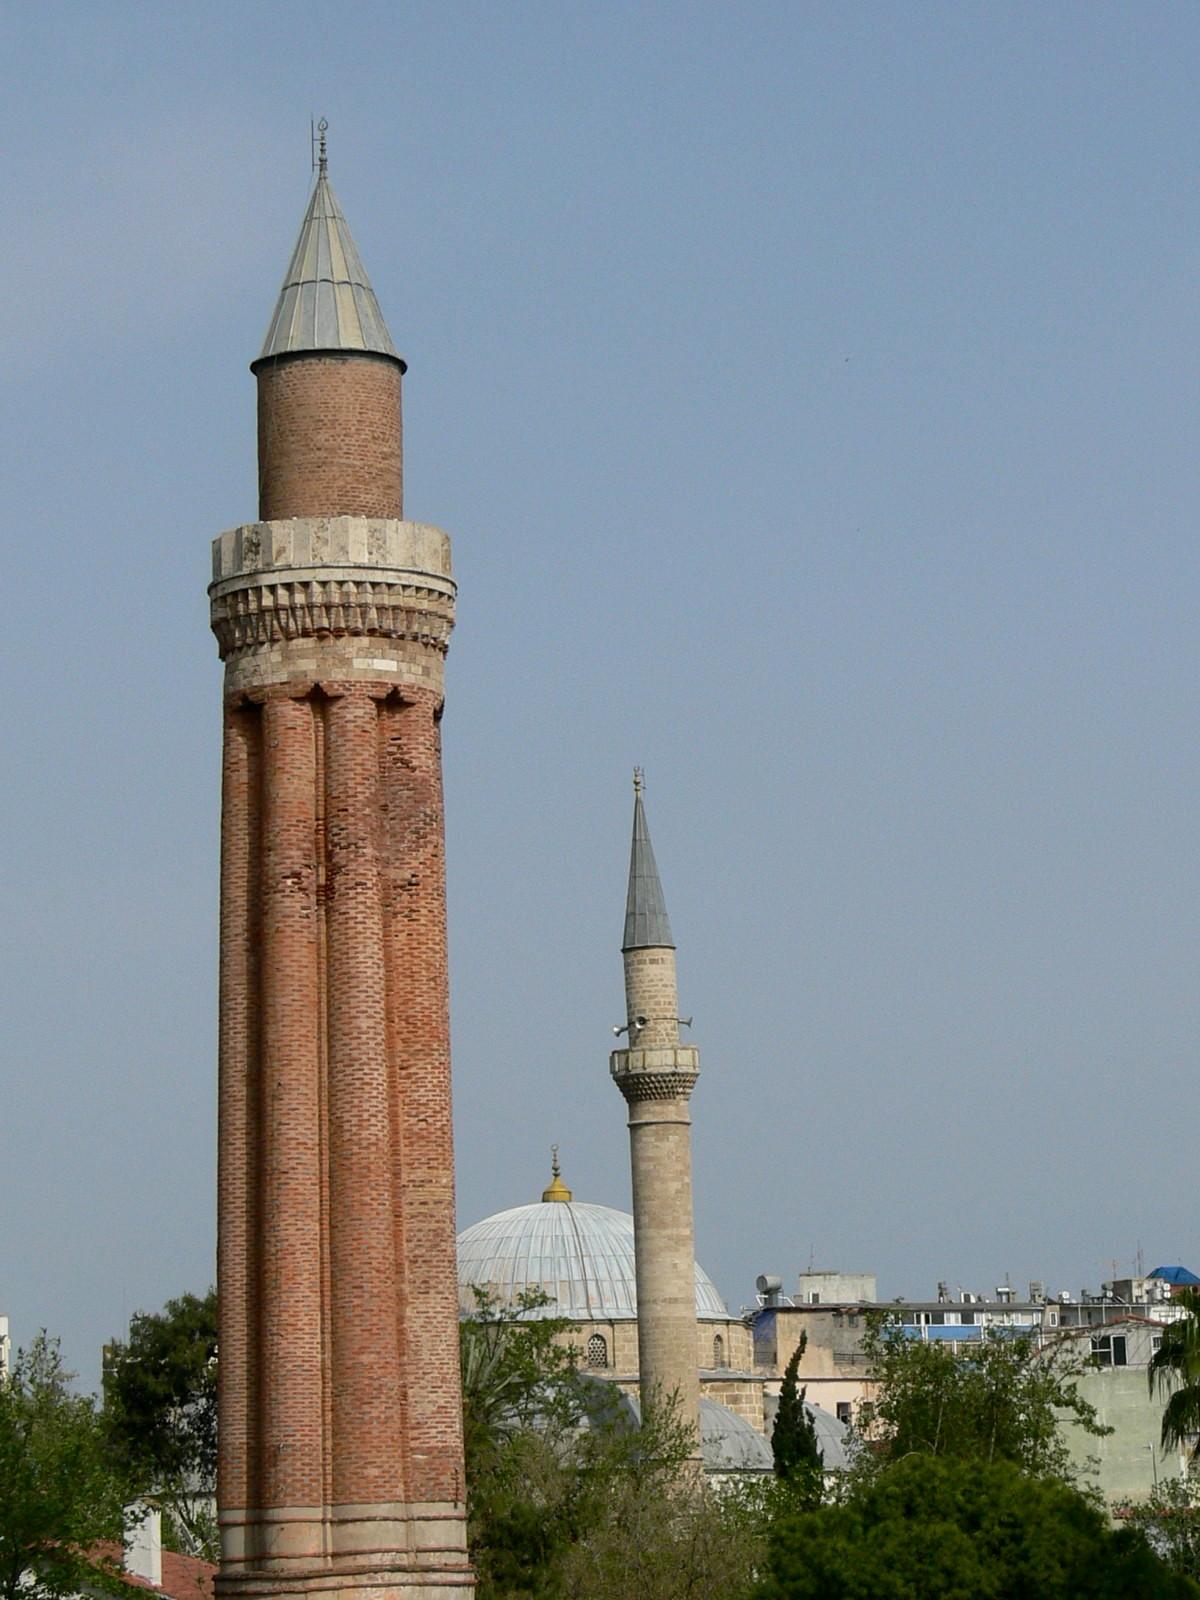 File:Antalya - Yivli-Minarett.jpg - Wikimedia Commons